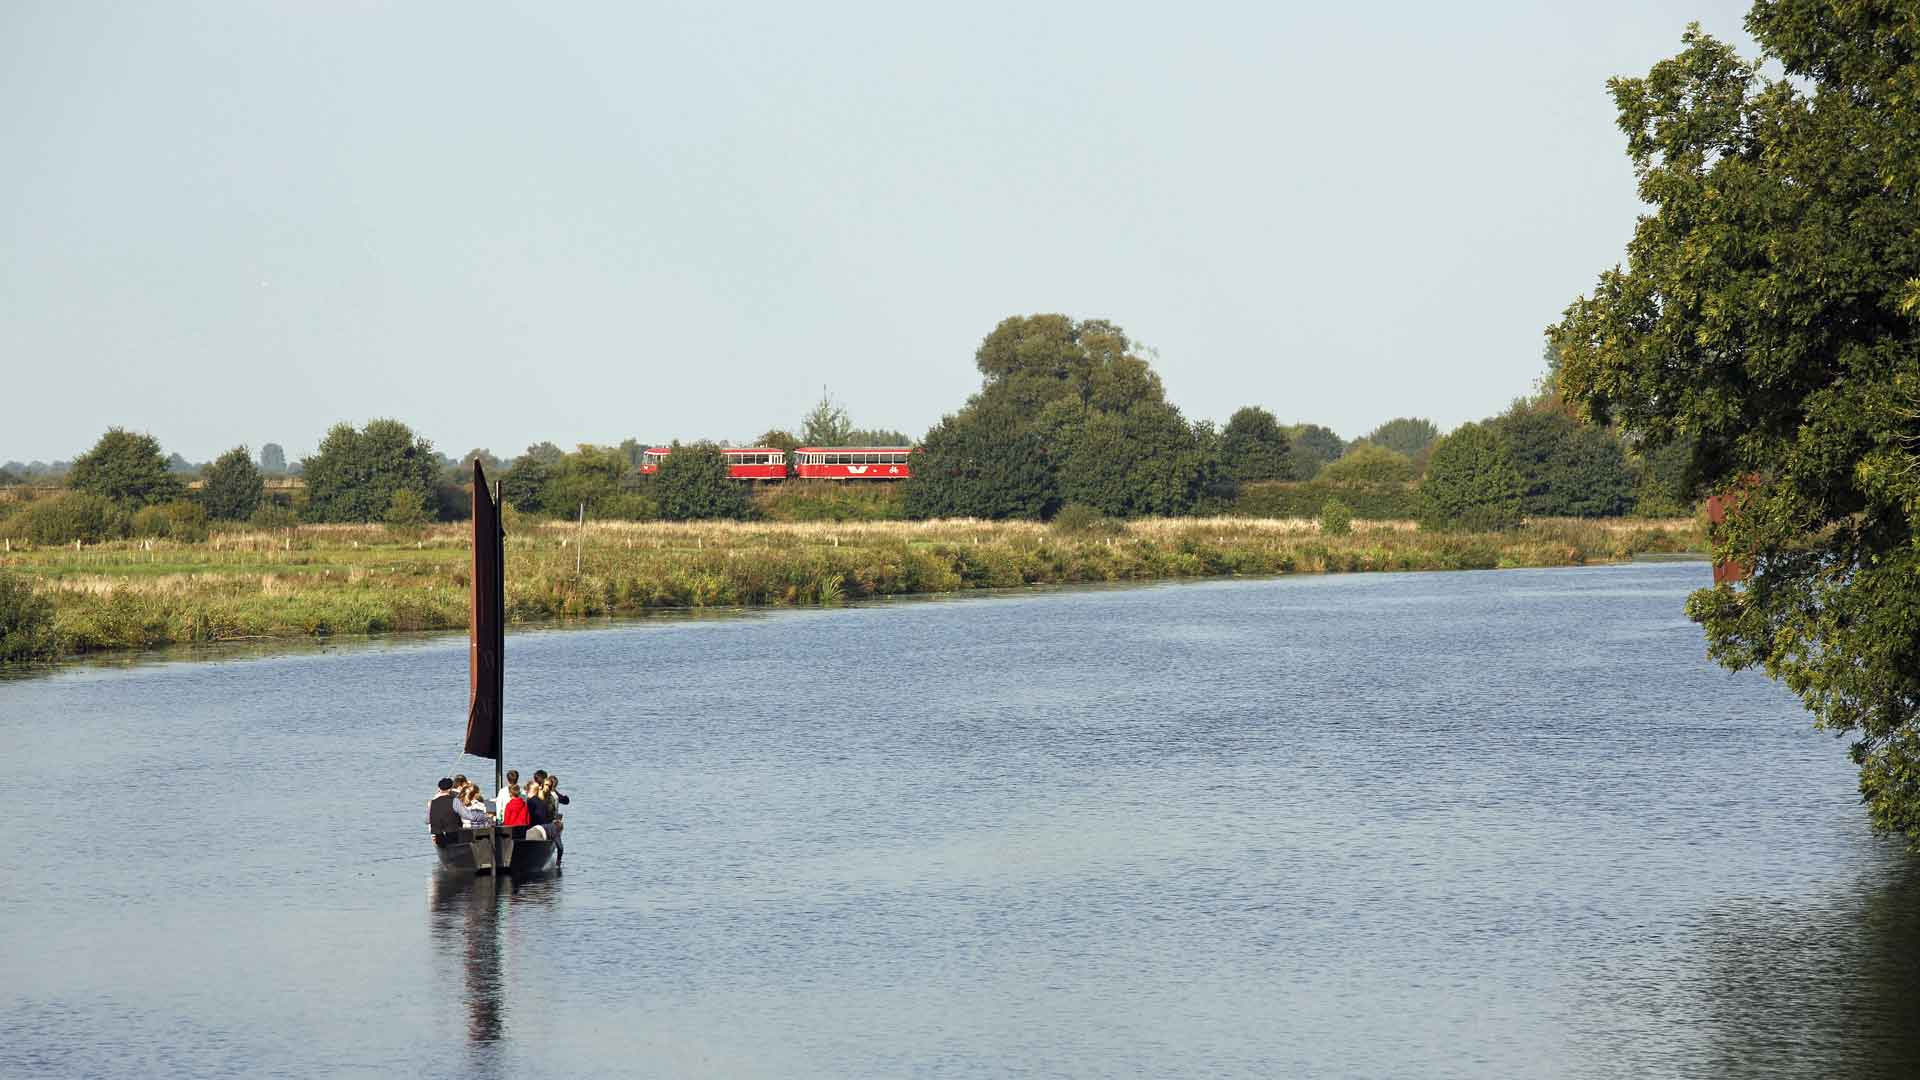 Maak tijdens je verblijf in Worpswede eens een gecombineerde trip van de Moorexpress en turfschuit.